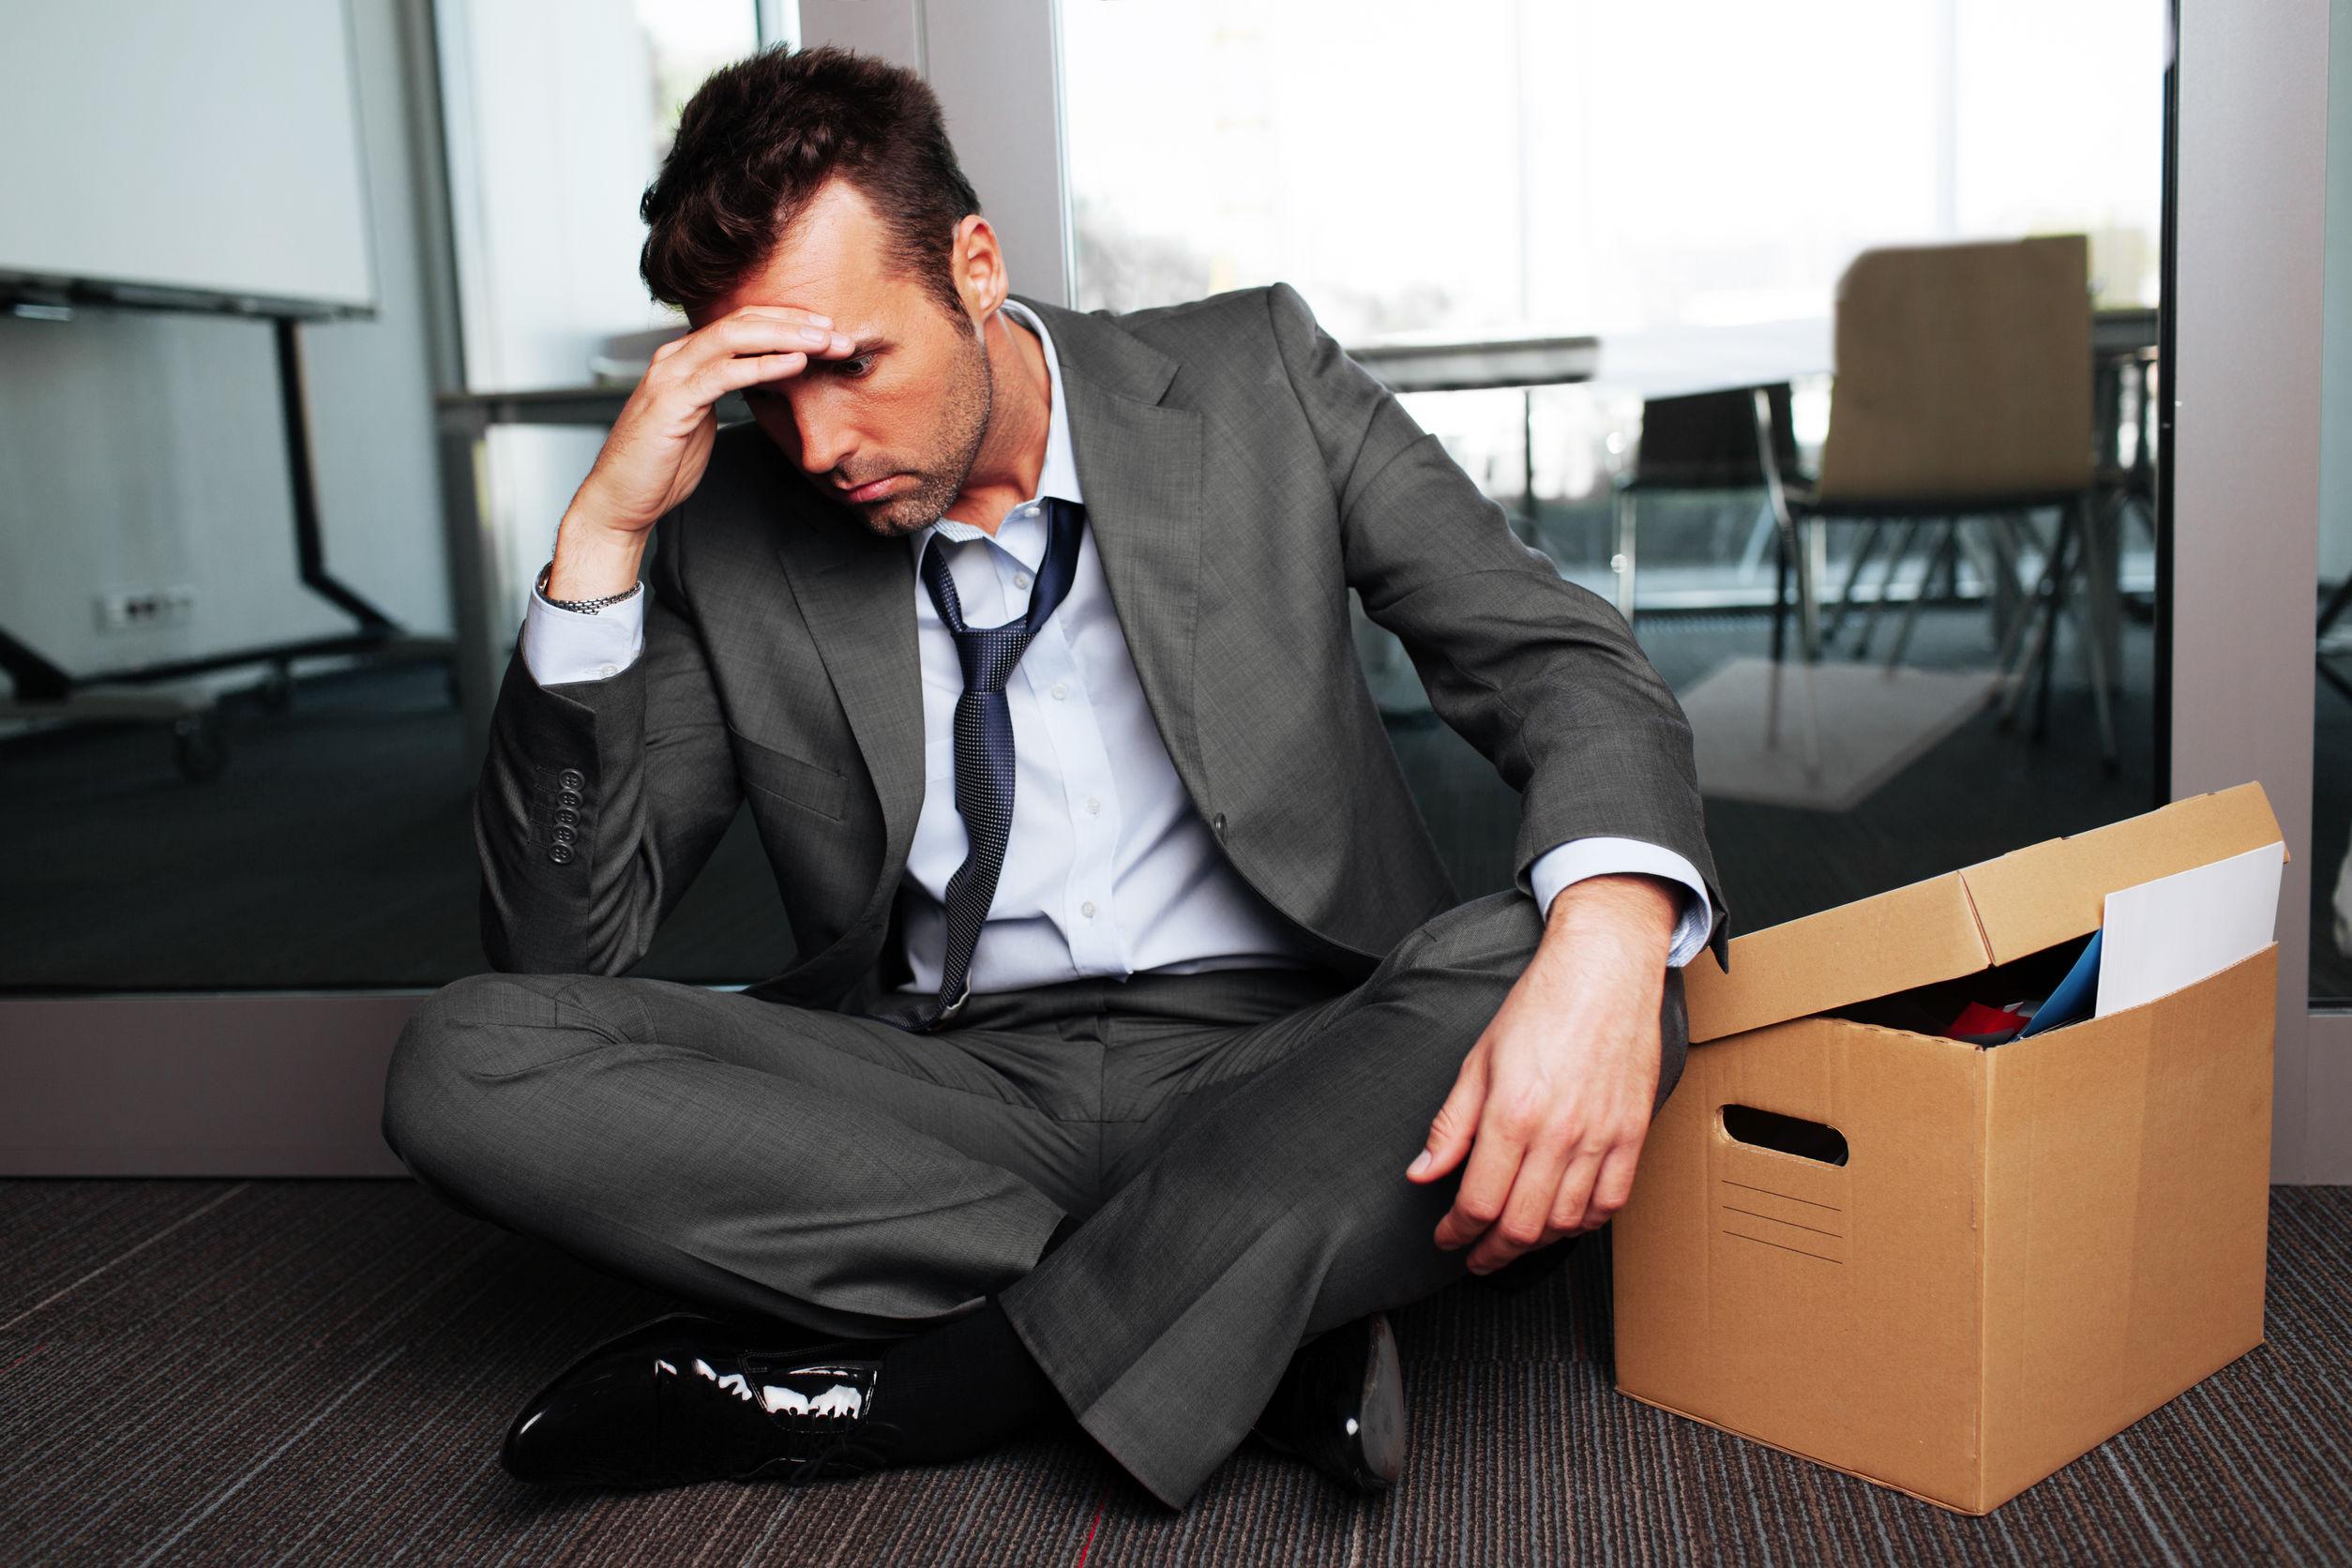 A foto mostra um homem recém demitido sentado no chão da empresa com uma caixa de pertences ao lado